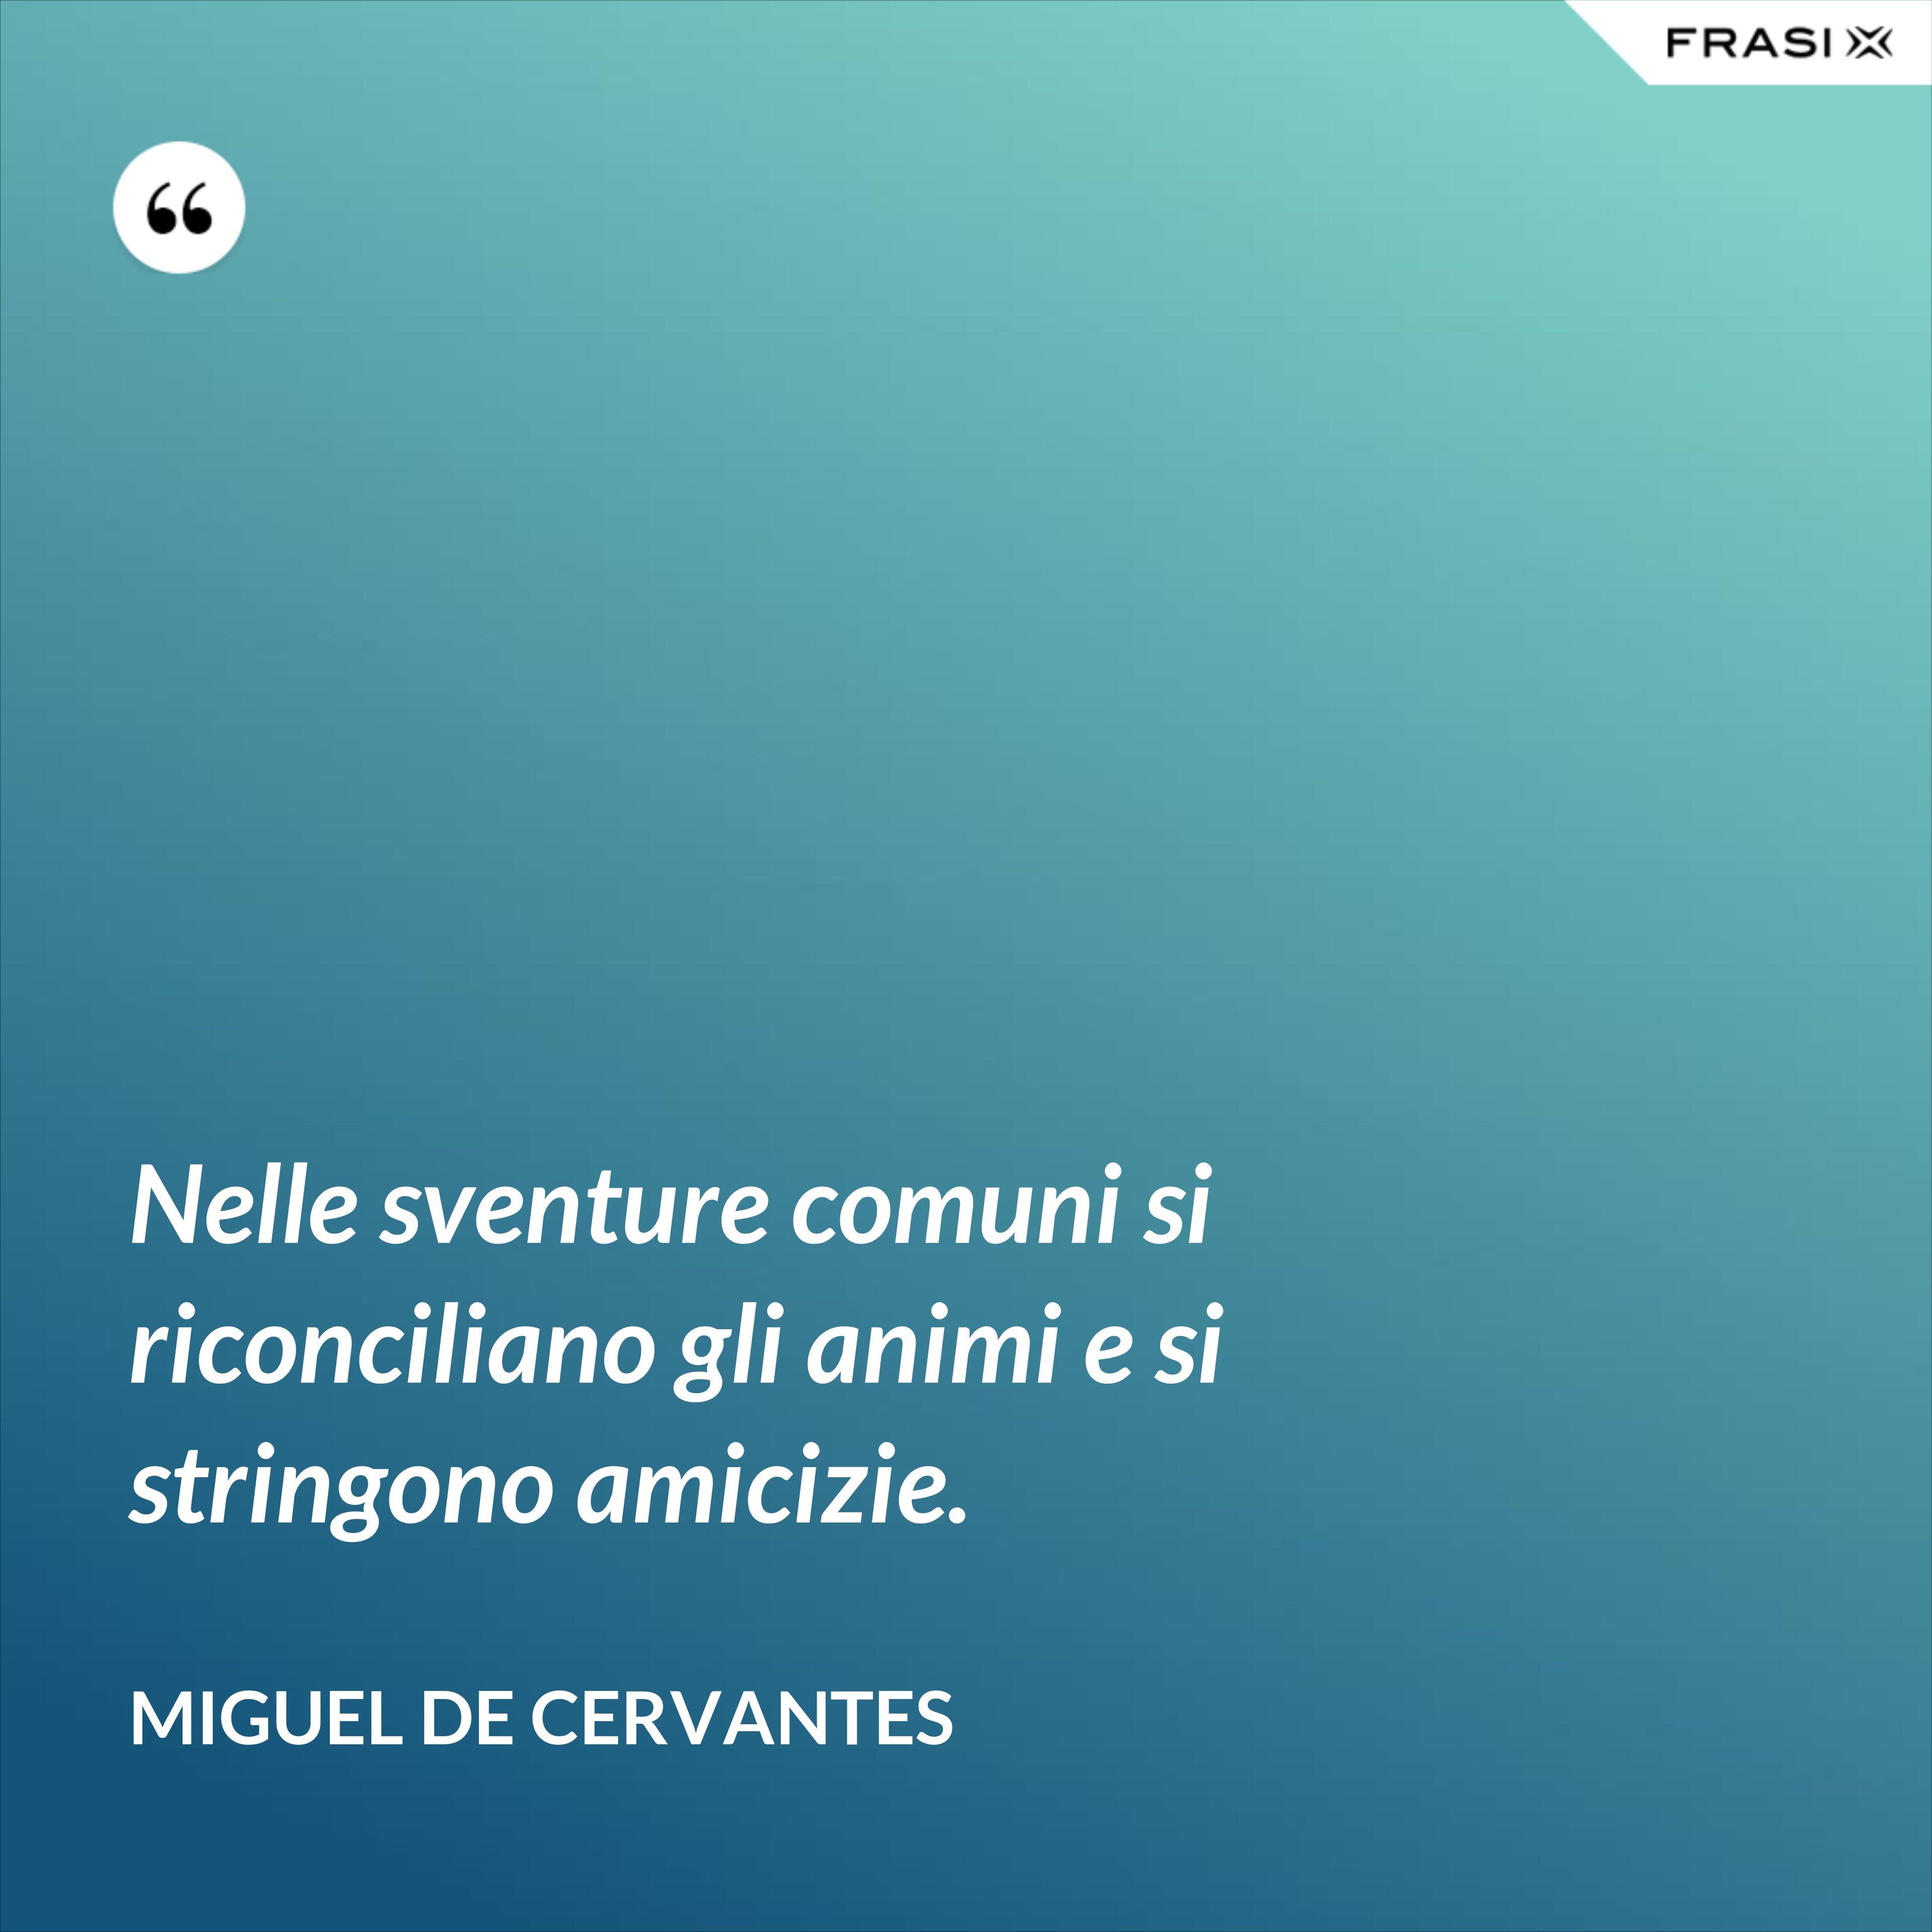 Nelle sventure comuni si riconciliano gli animi e si stringono amicizie. - Miguel de Cervantes